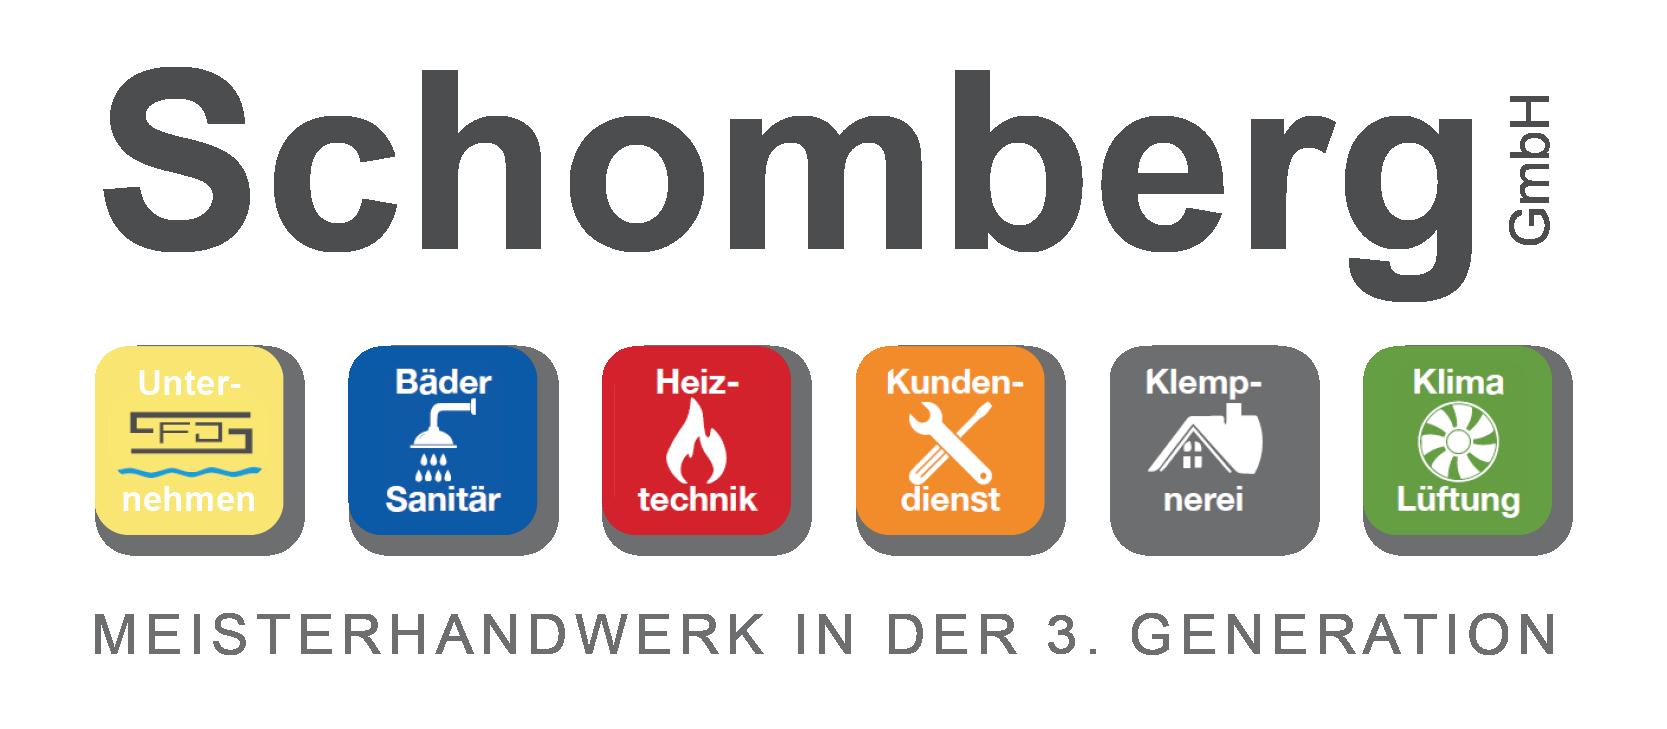 Schomberg GmbH